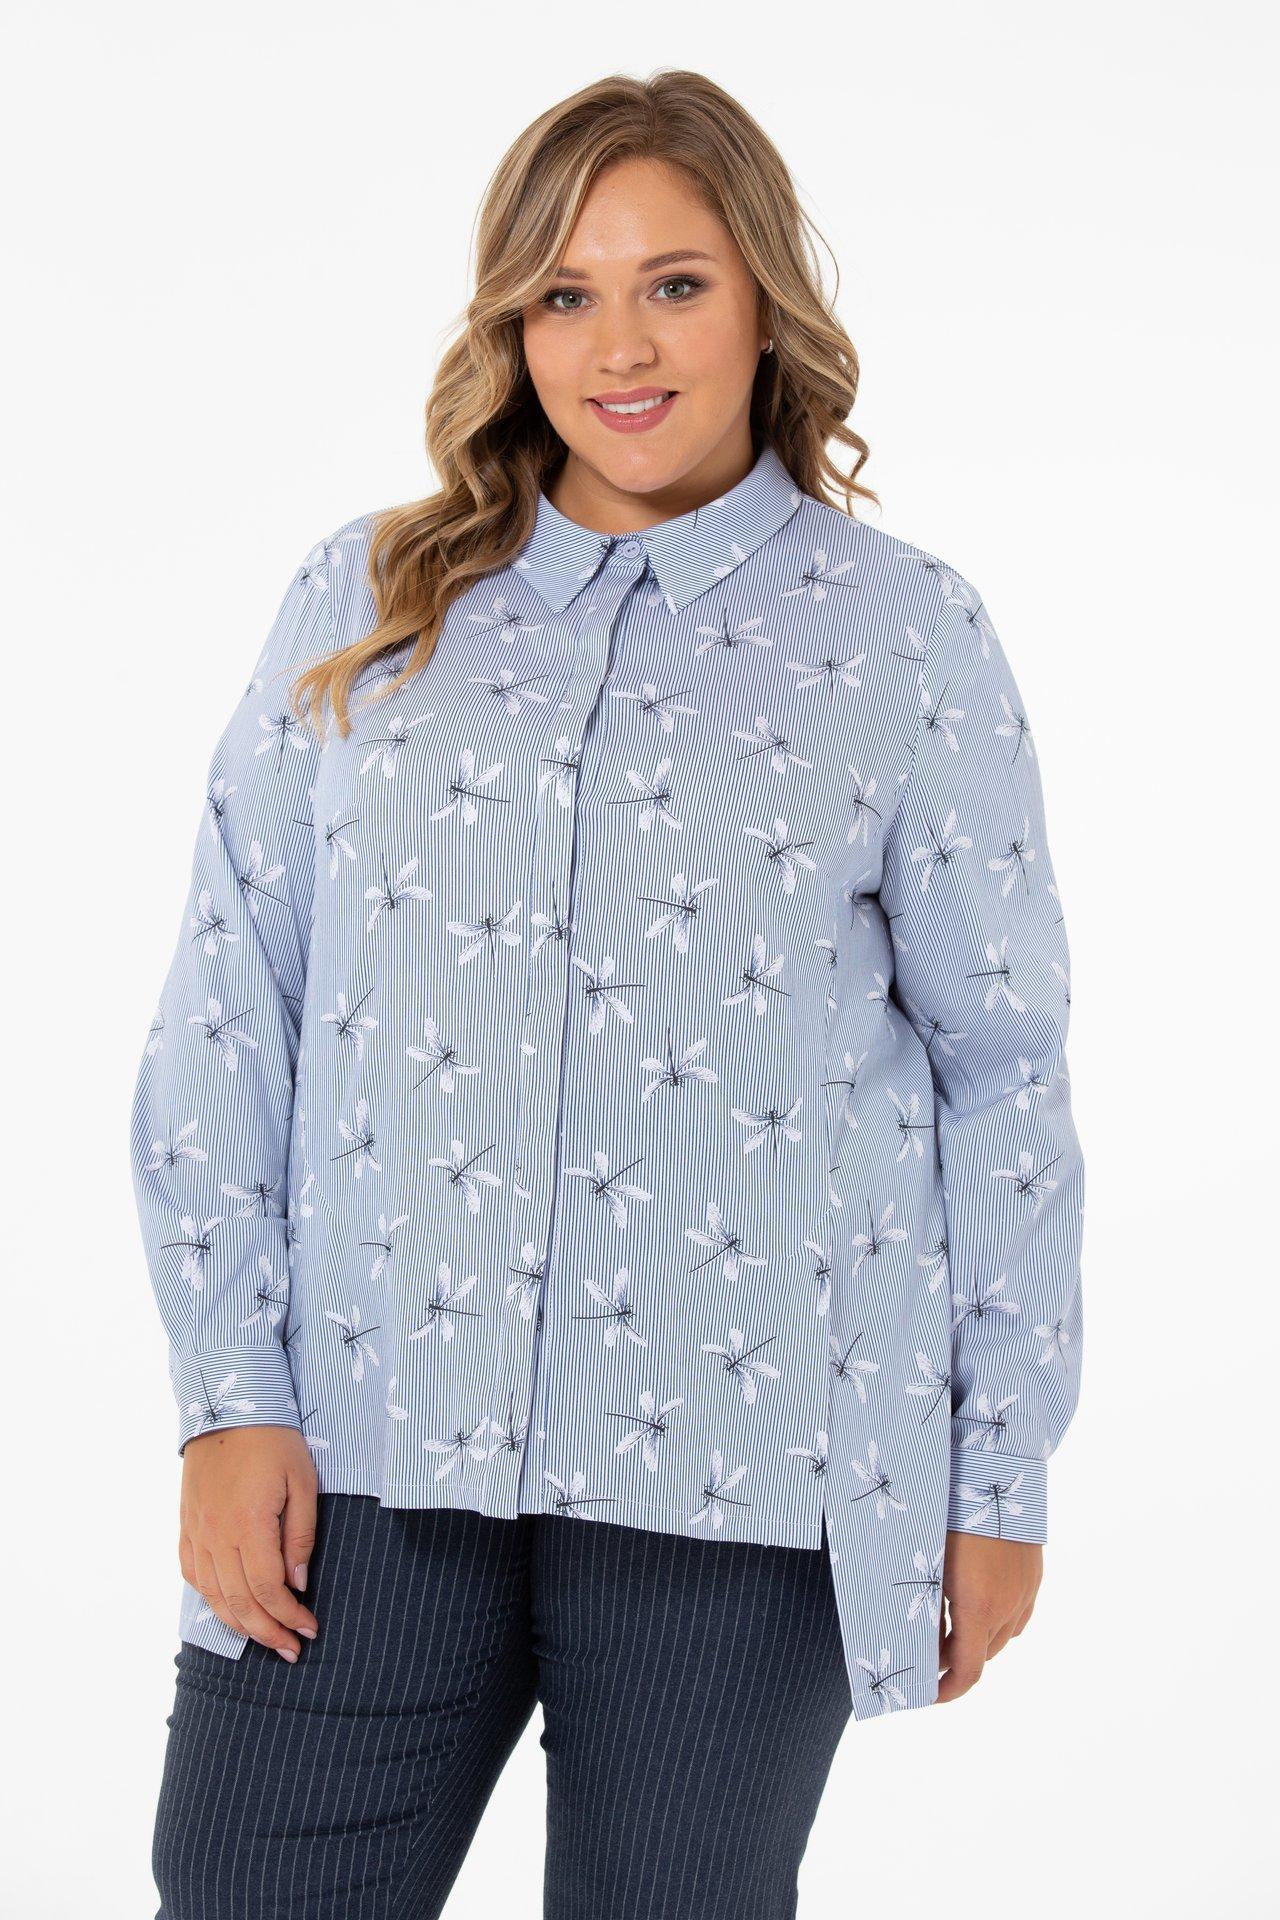 Блузки Блузка с принтом 1875 26725.jpg